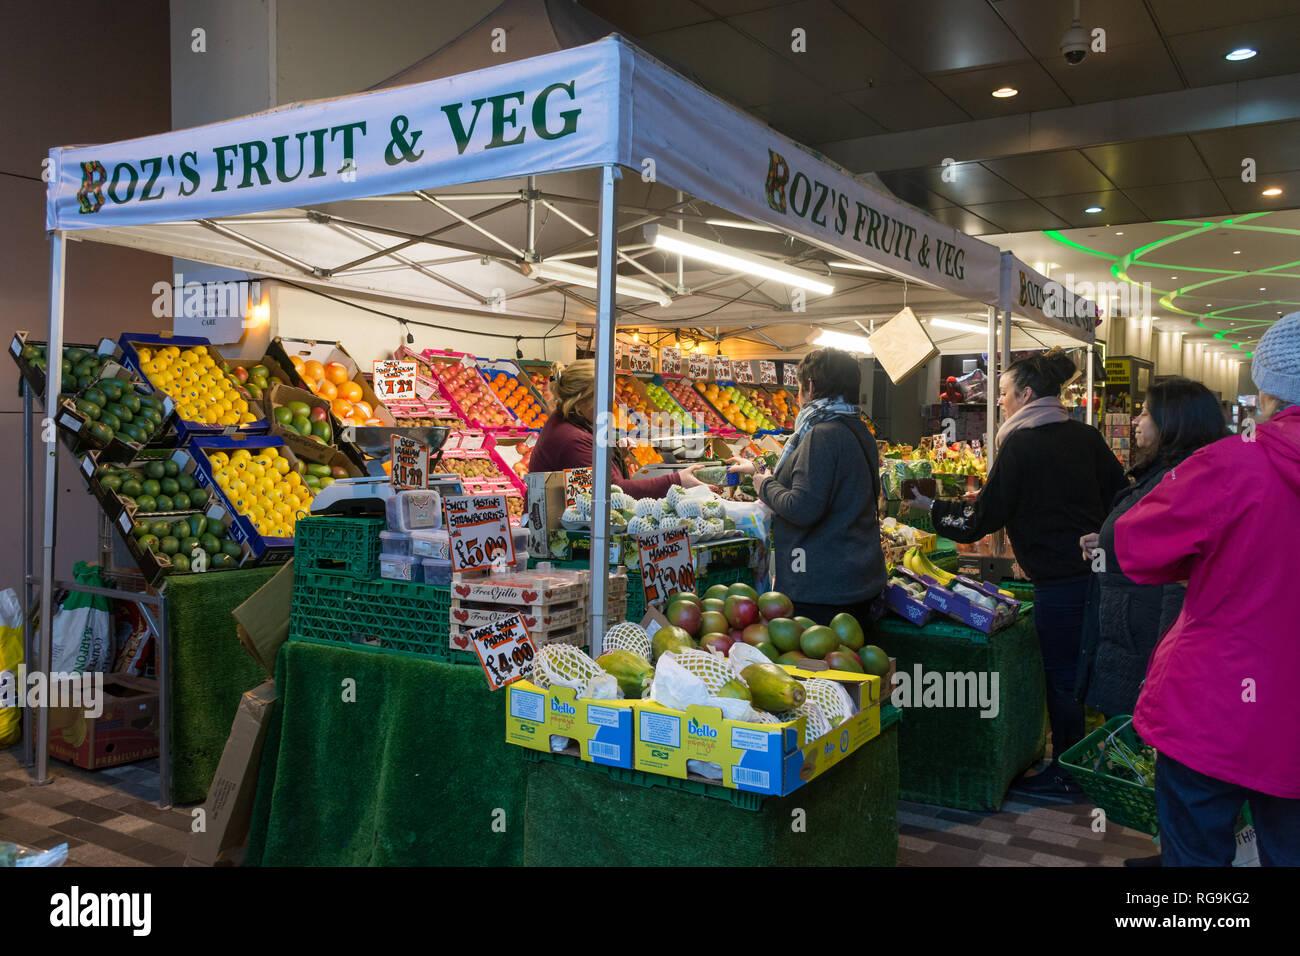 Blocage du marché des fruits et légumes dans le centre-ville de Woking, Surrey, Royaume-Uni, avec des gens pour faire du shopping. La vie quotidienne. Photo Stock